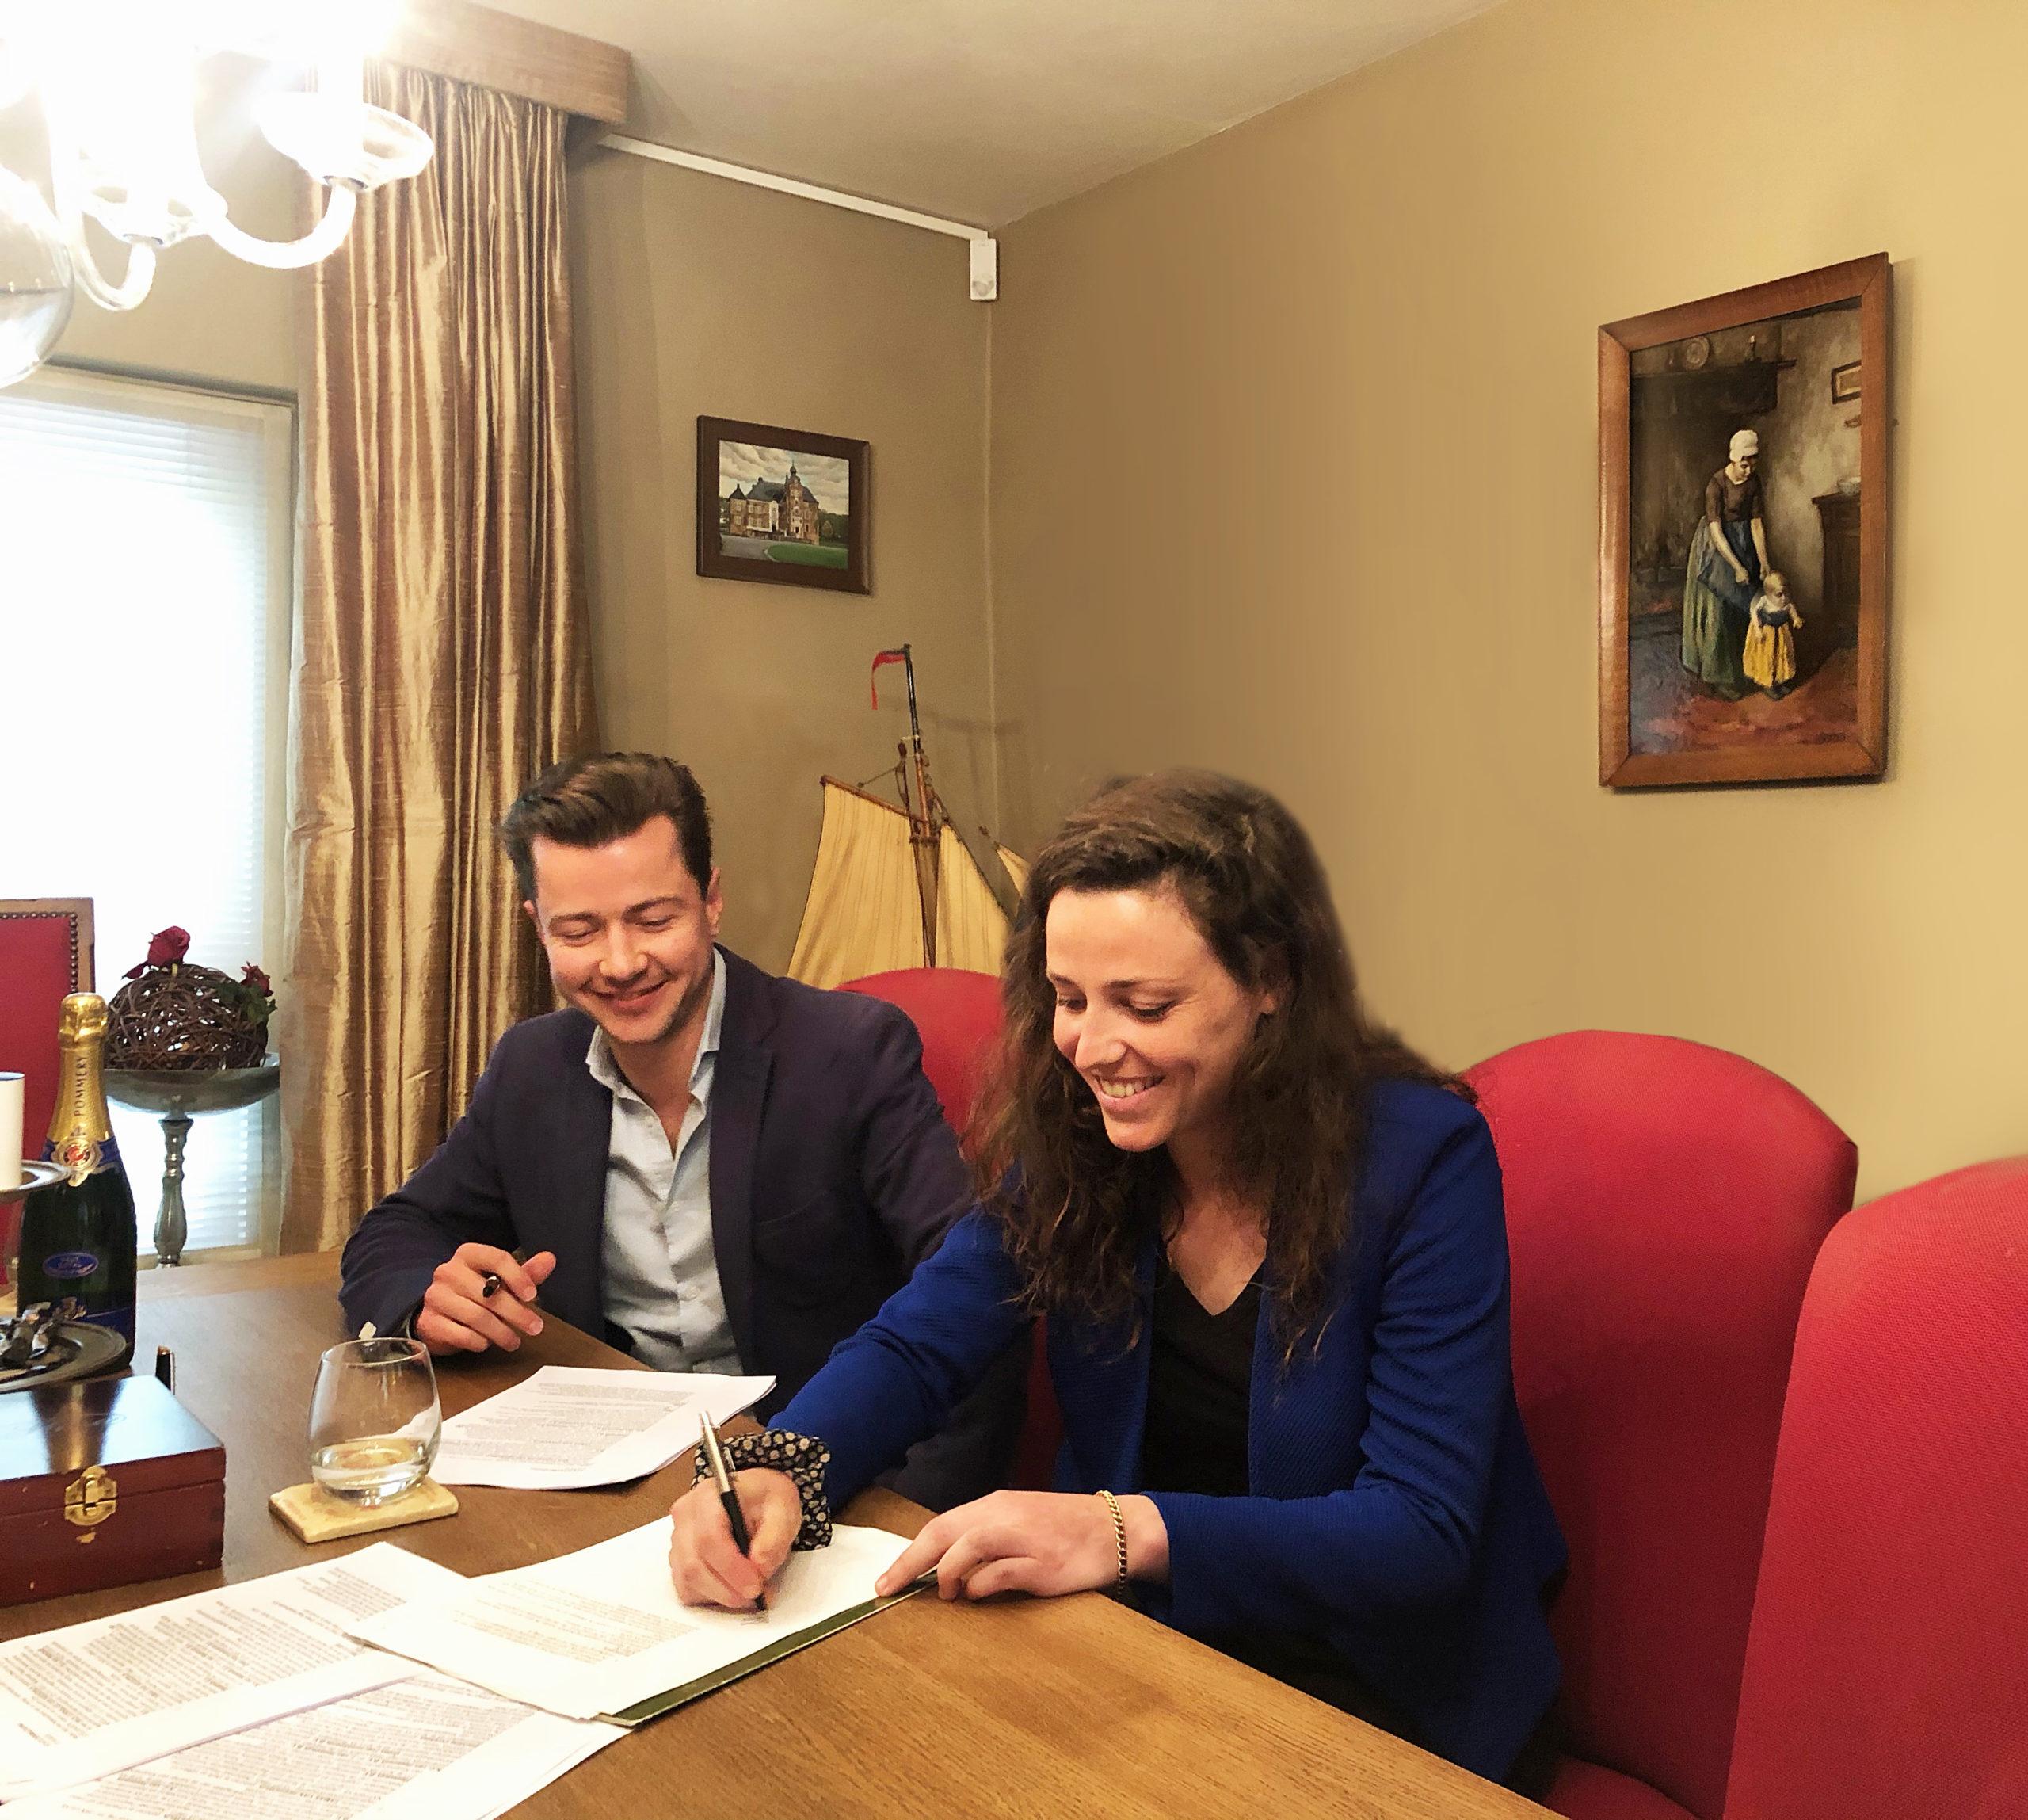 Duurzaam investeringsplatform Corekees haalt €500.000 op bij investeringsmaatschappij DGB Group